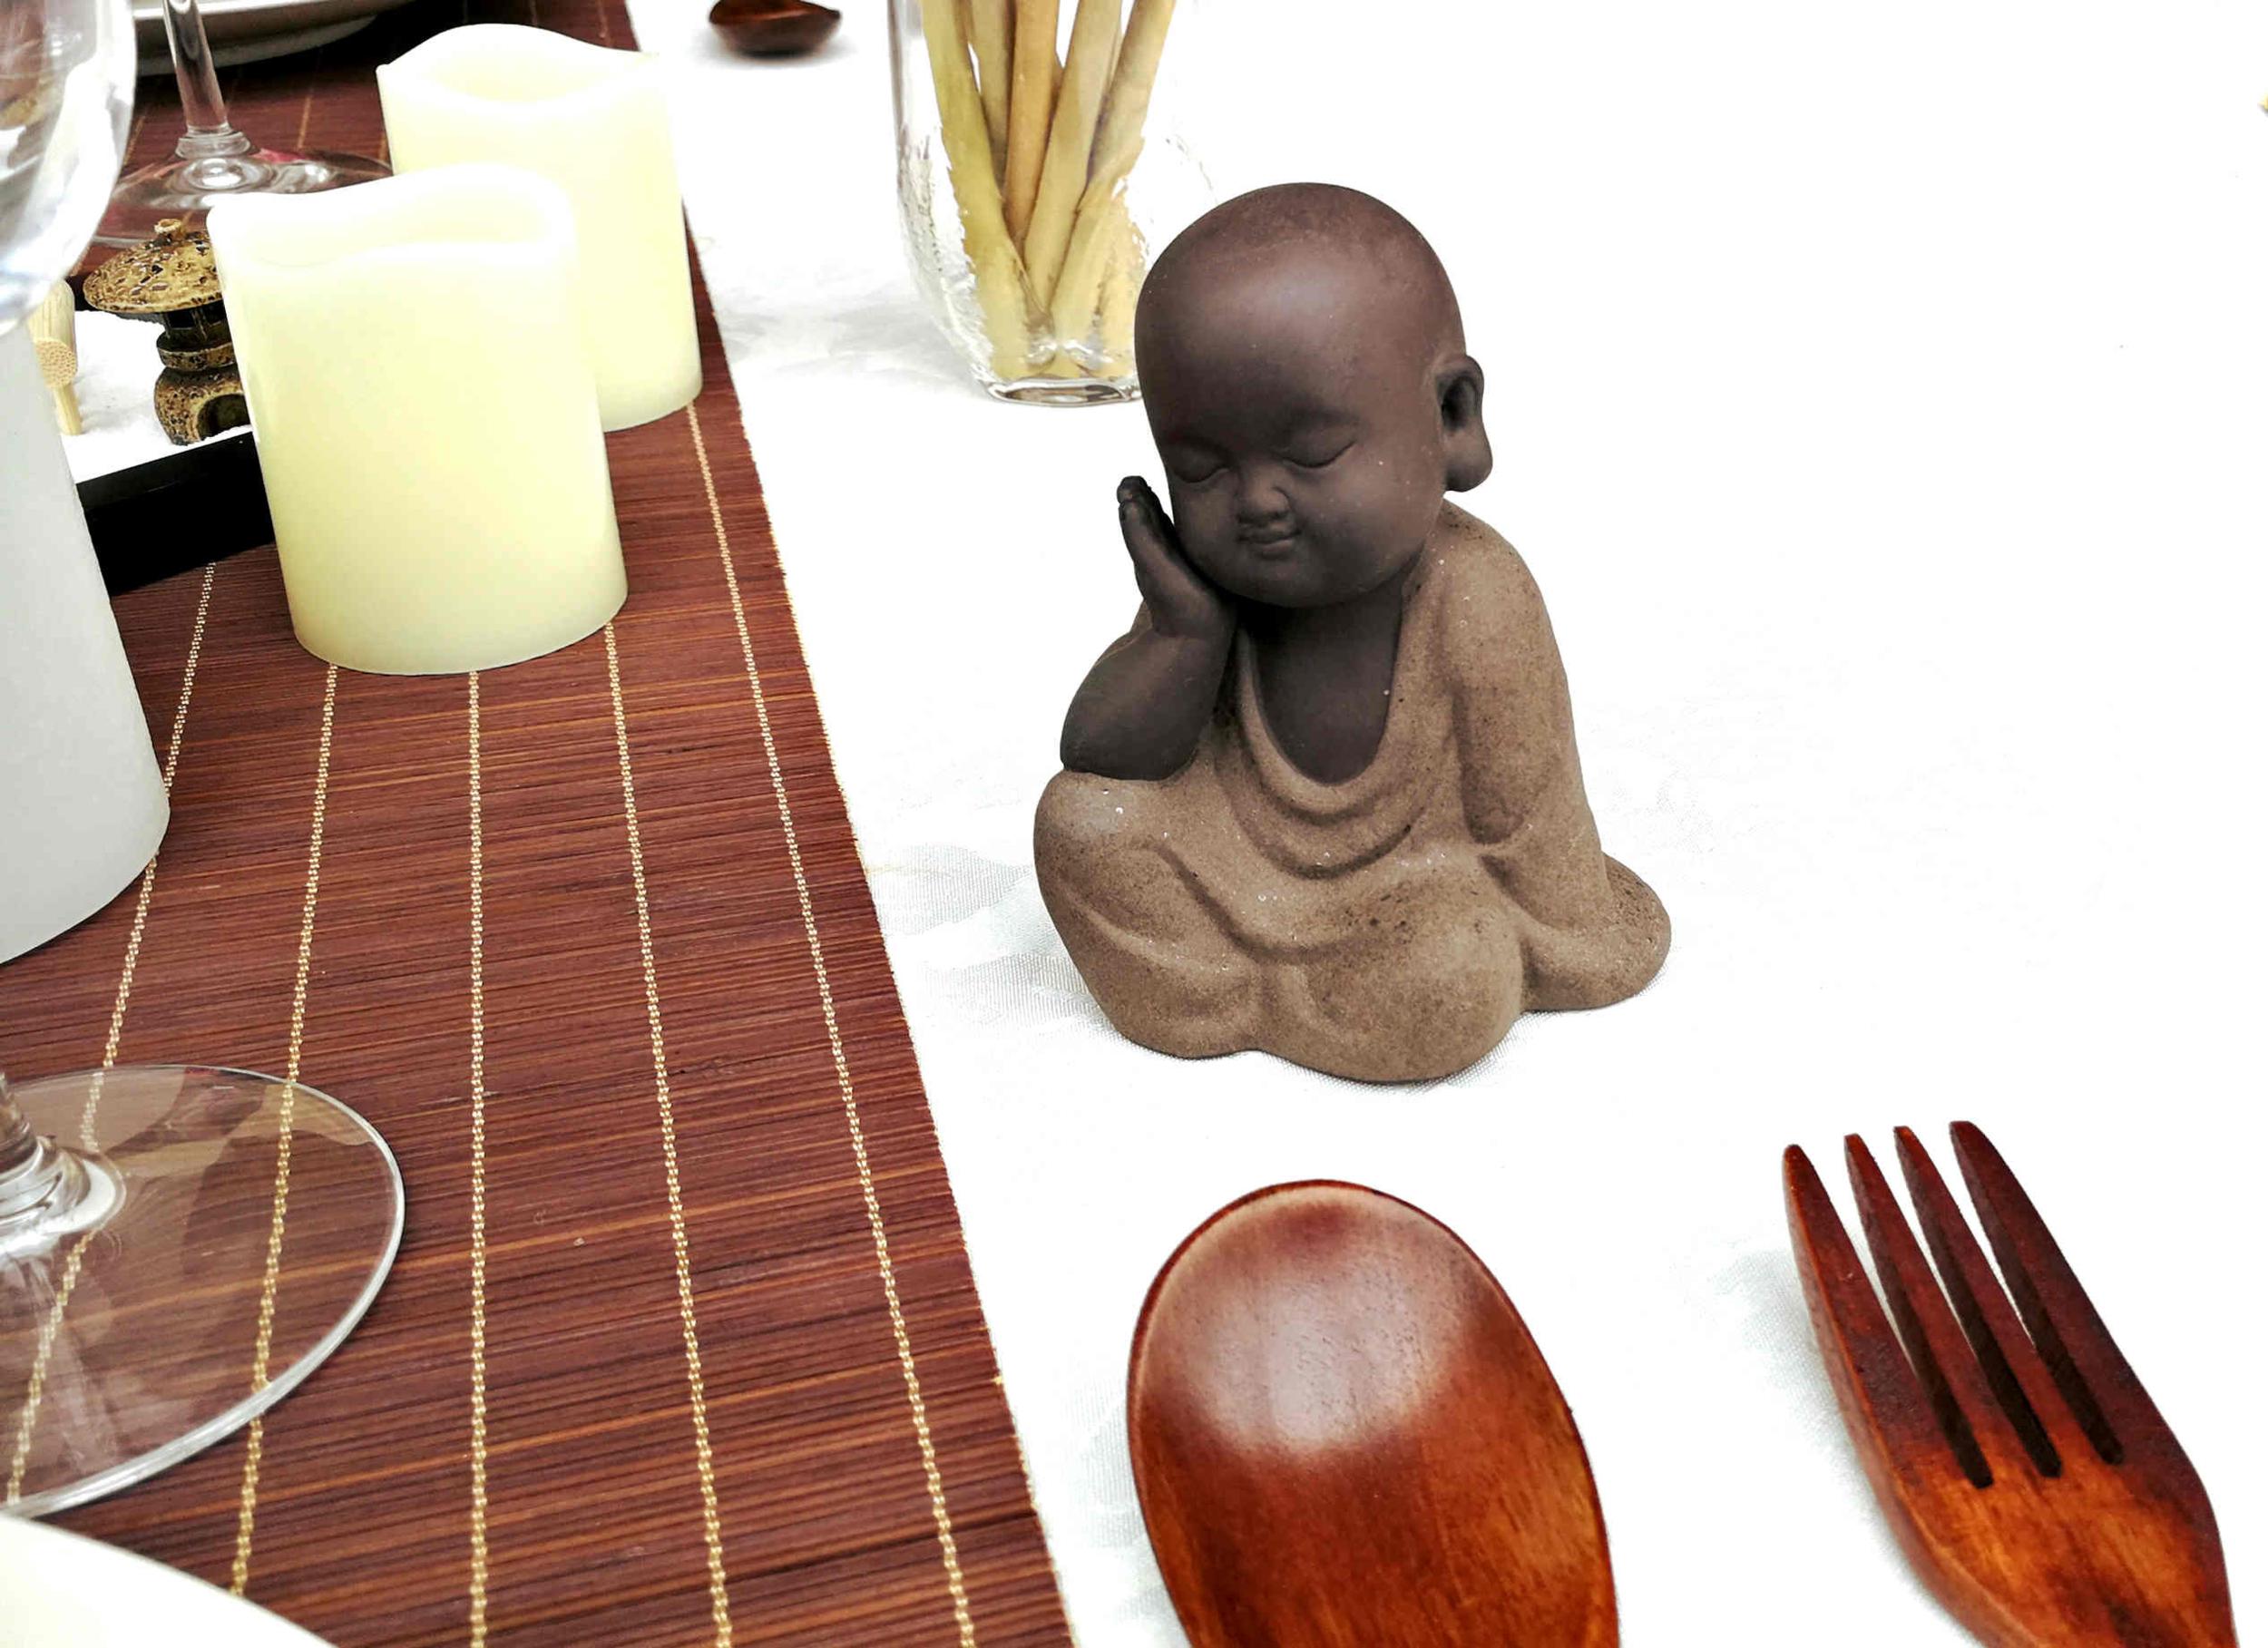 Décoration de table Zen avec statuette bouddha assis